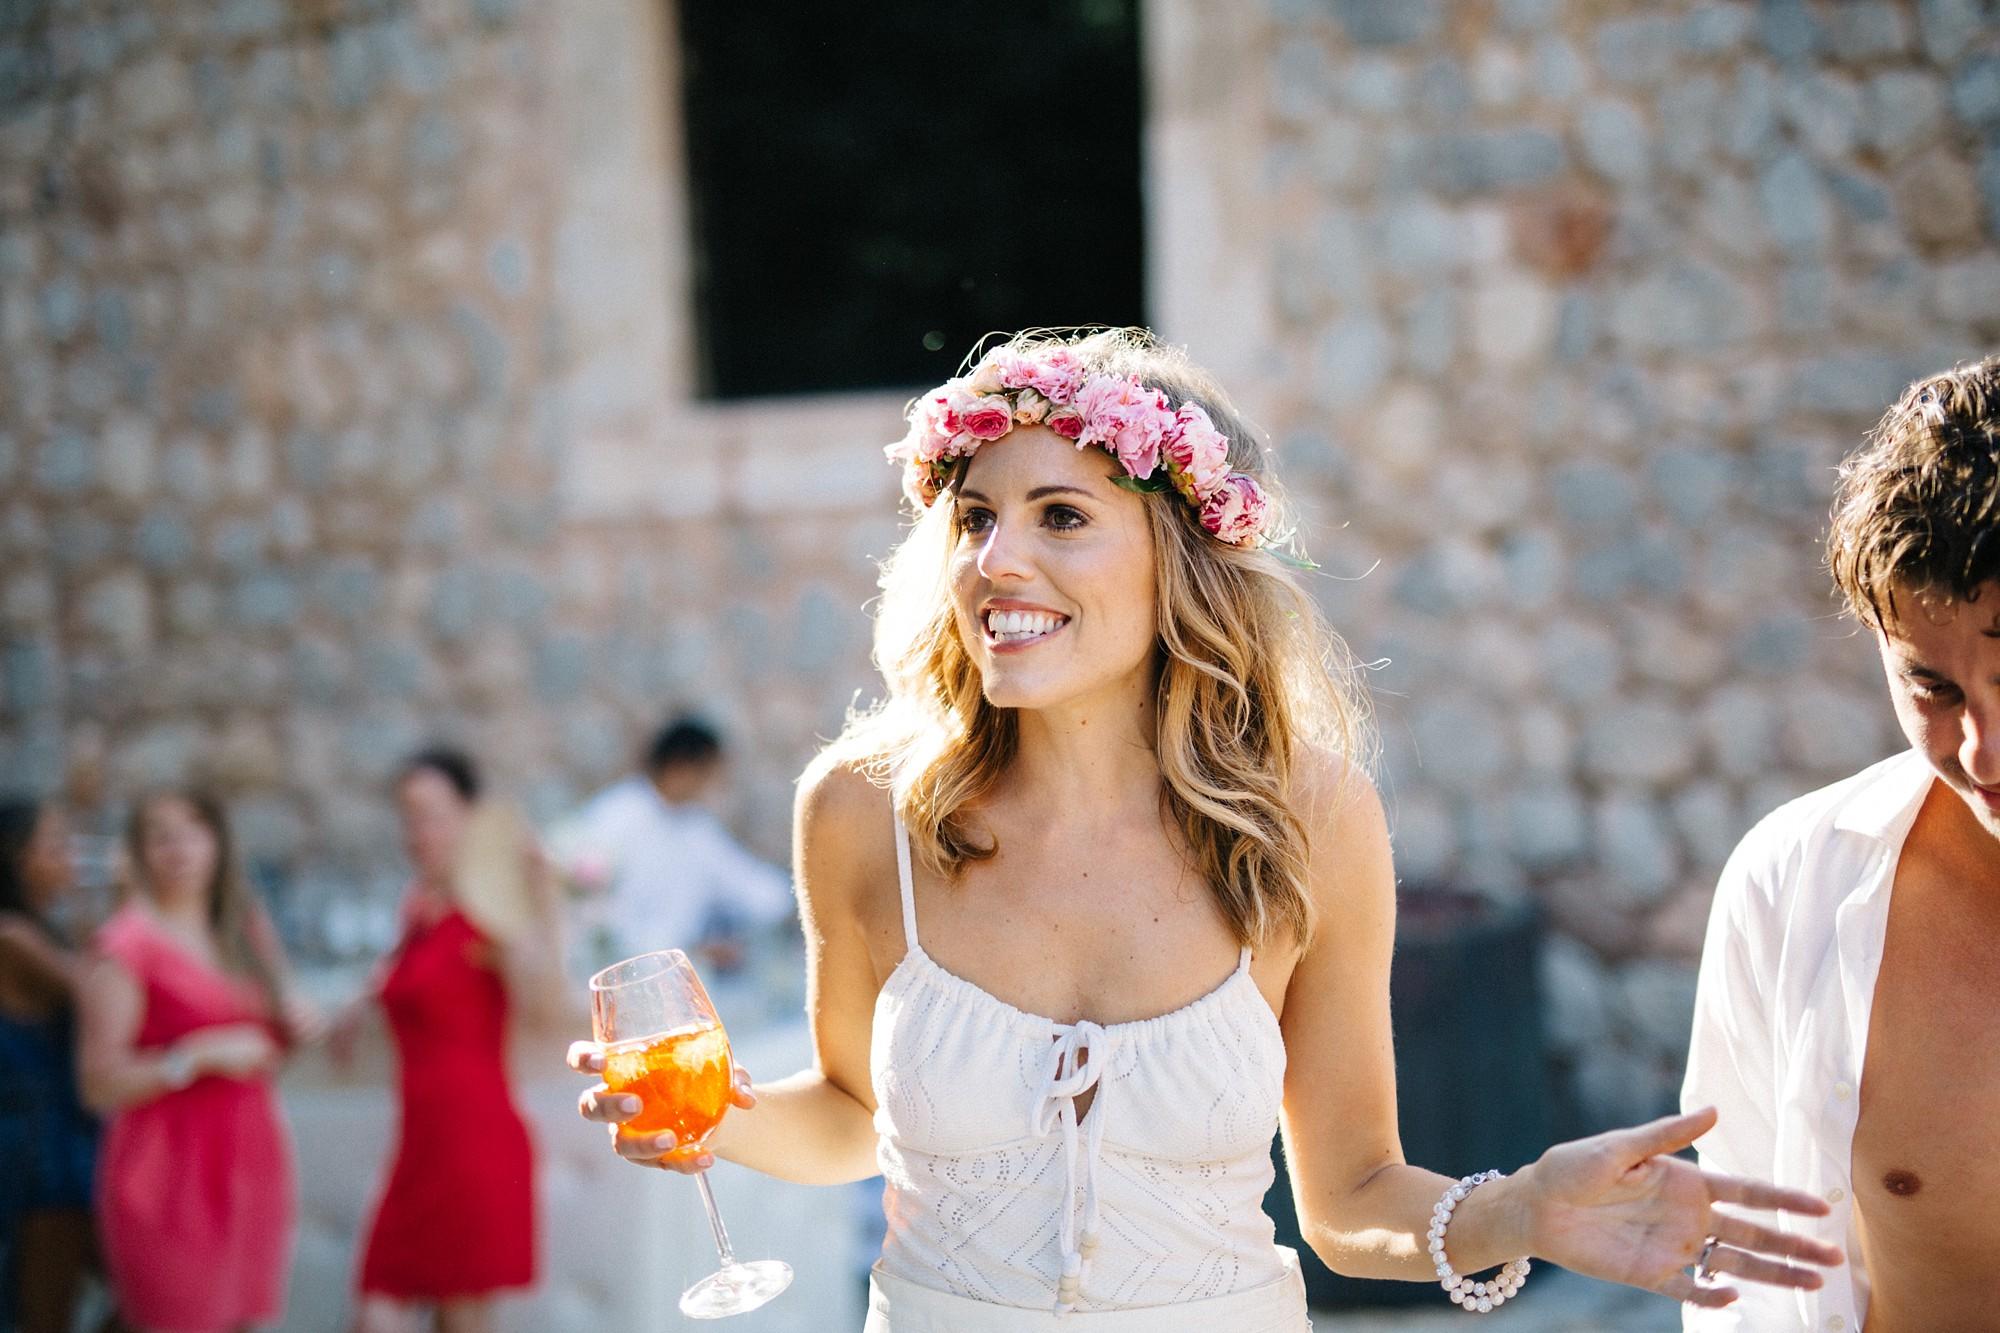 fotografos de boda en valencia barcelona mallorca wedding photographer162.jpg